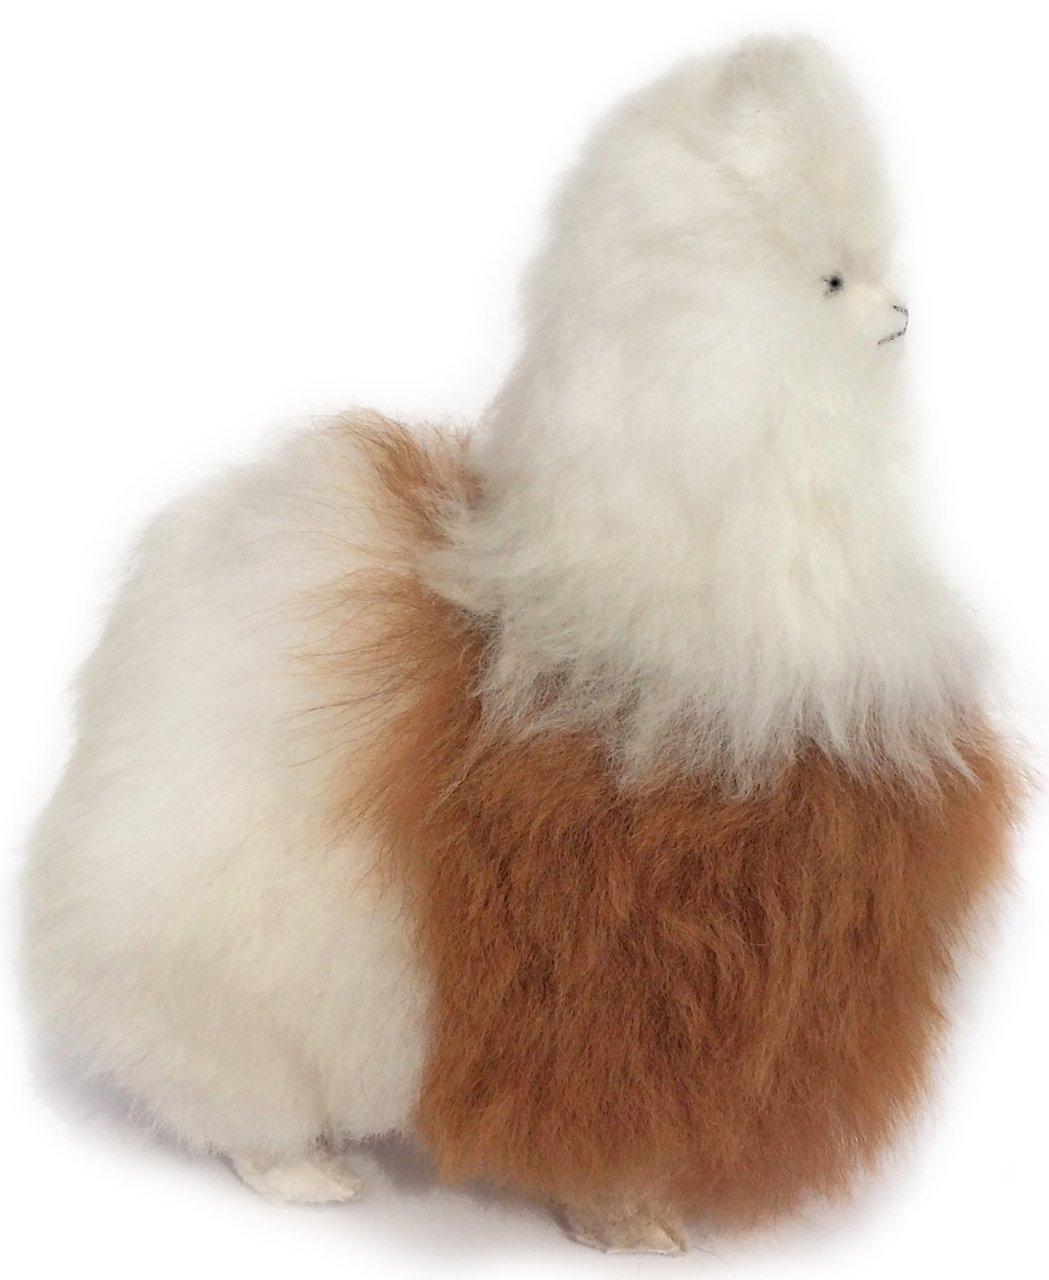 711ccfb1eee Get Quotations · Standing Baby Alpaca Fur Alpaca